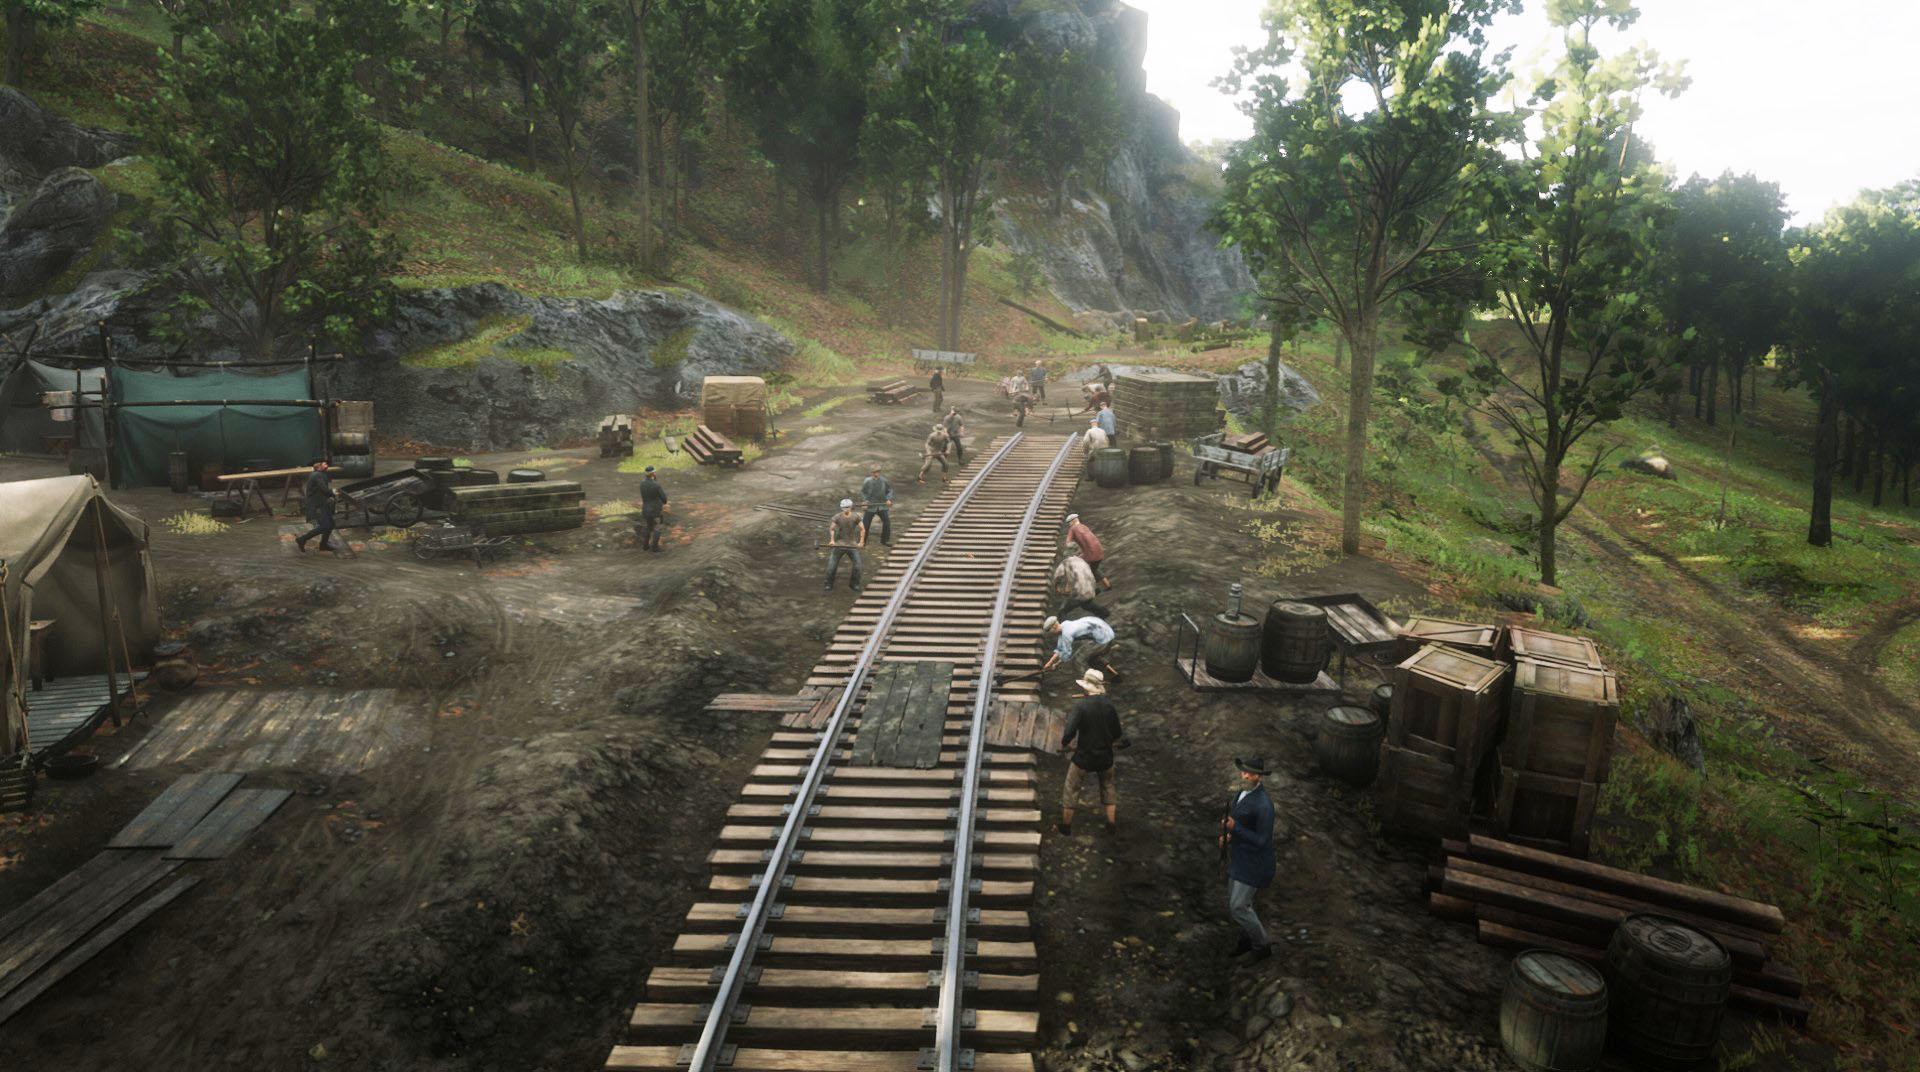 Central Union Railroad Camp